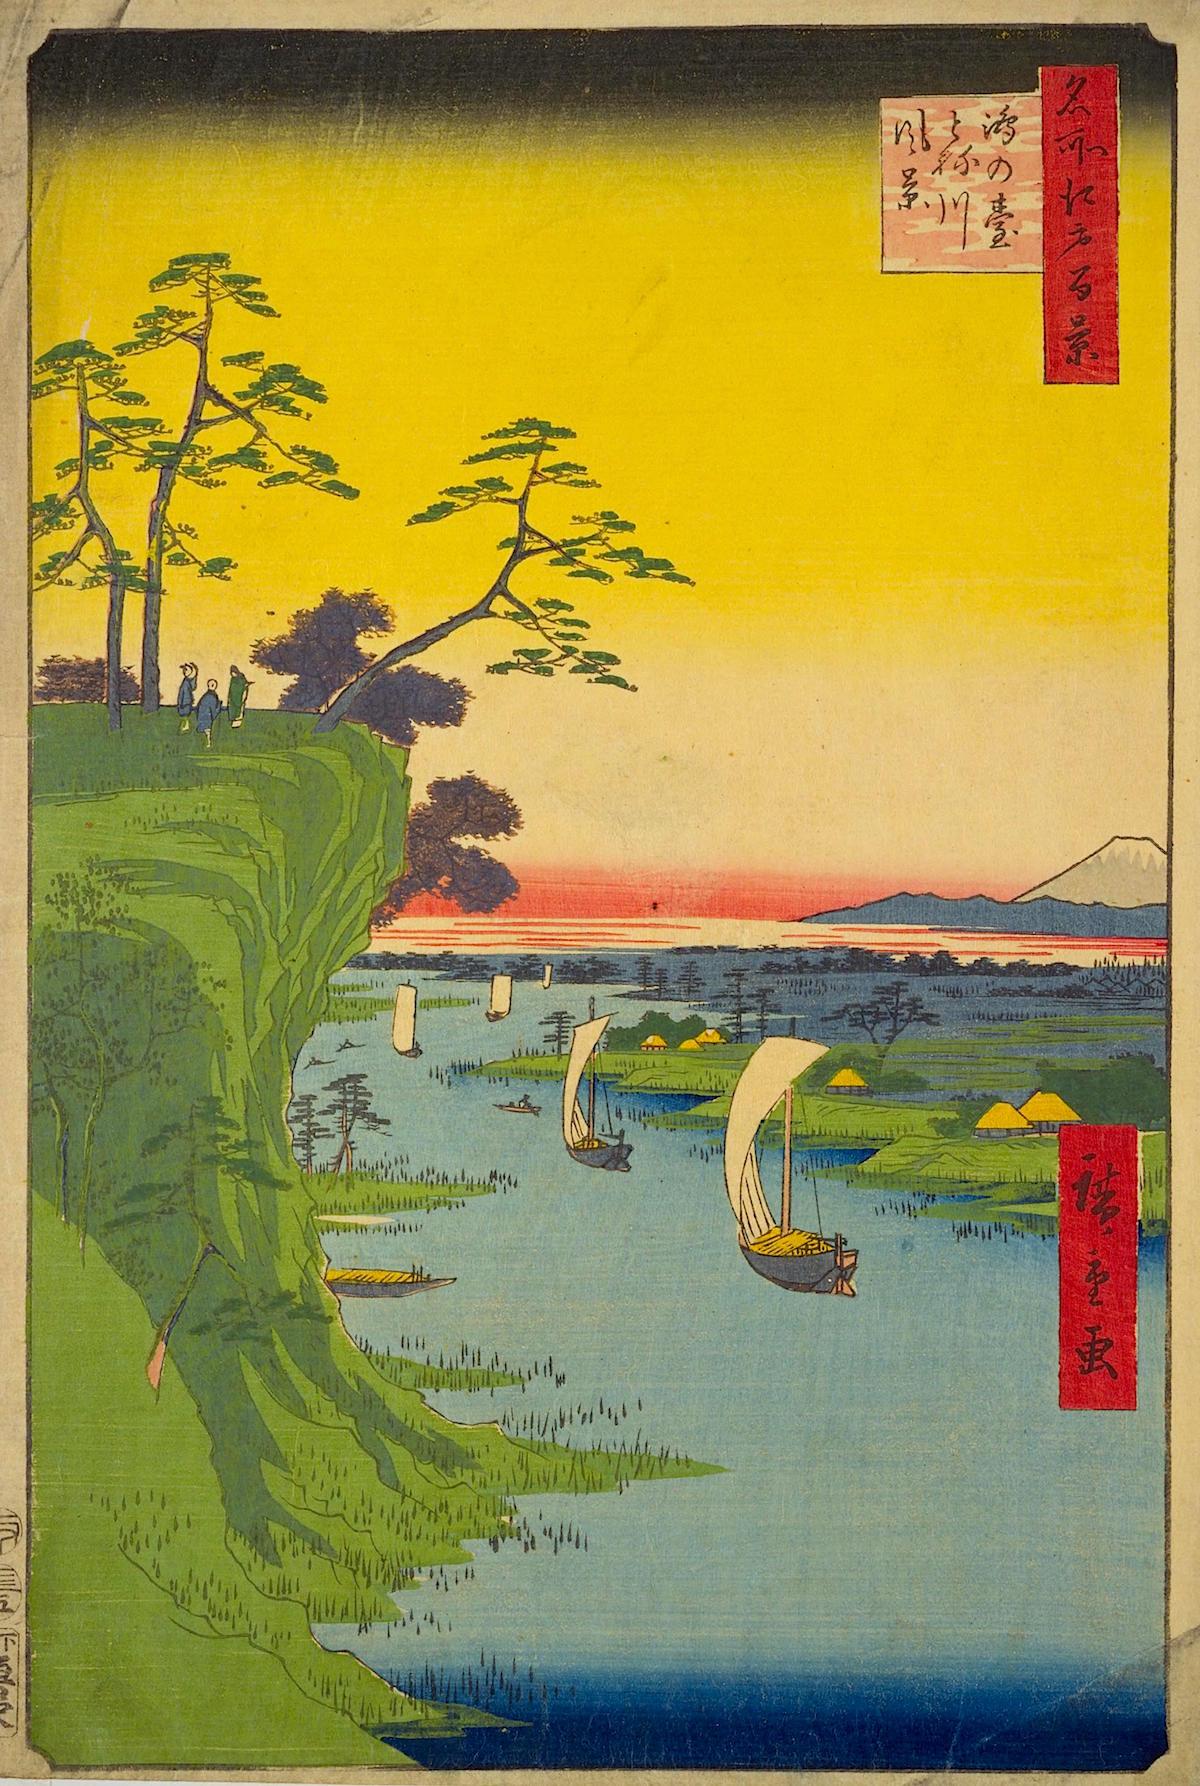 『名所江戸百景』鴻の台とね川風景